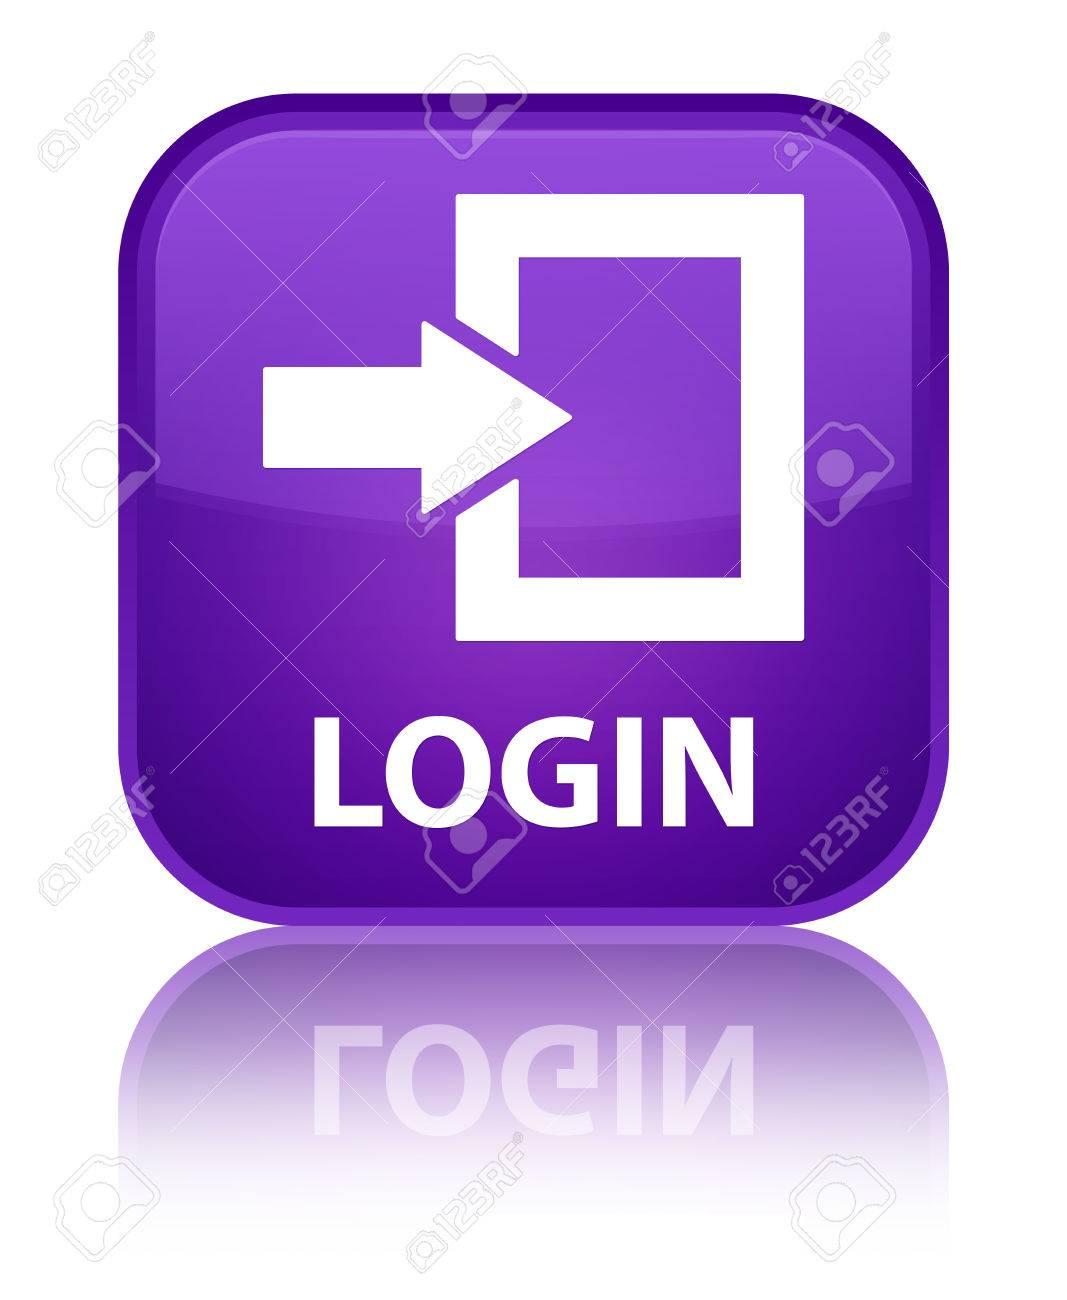 Login purple square button